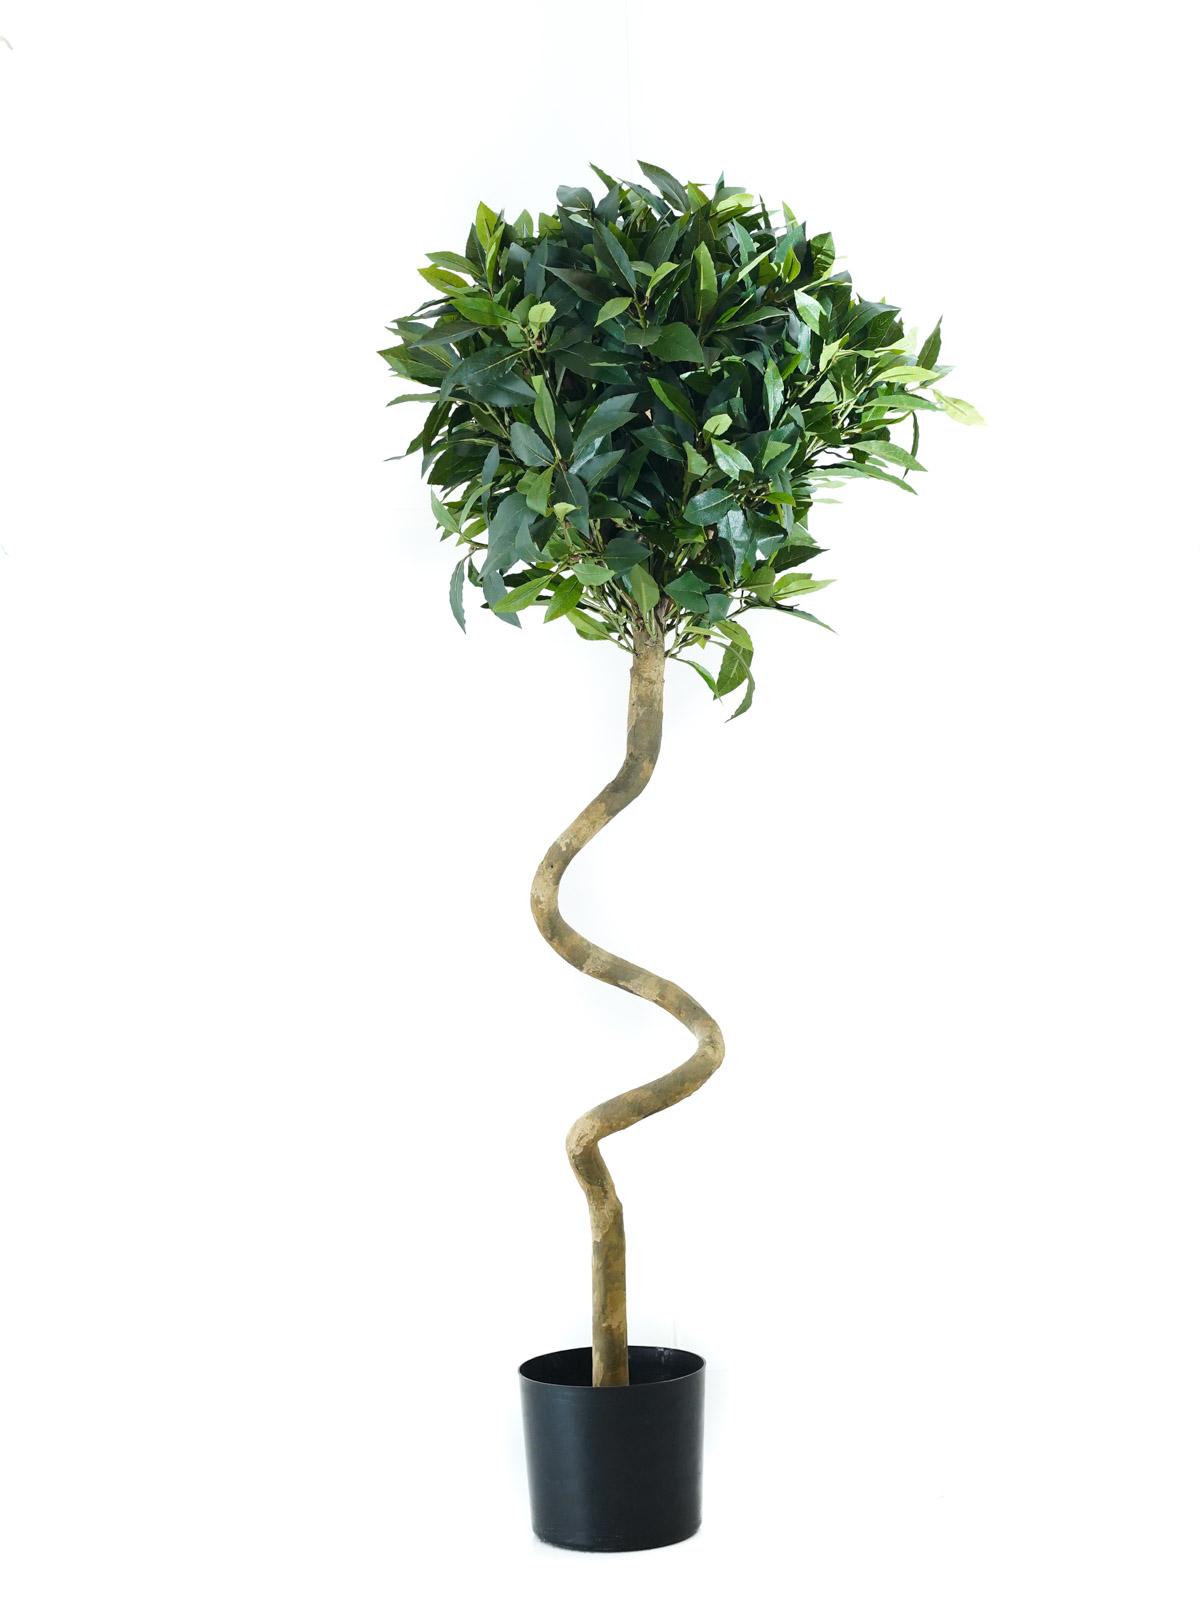 سويت باي 3 'نباتات اصطناعية أشجار